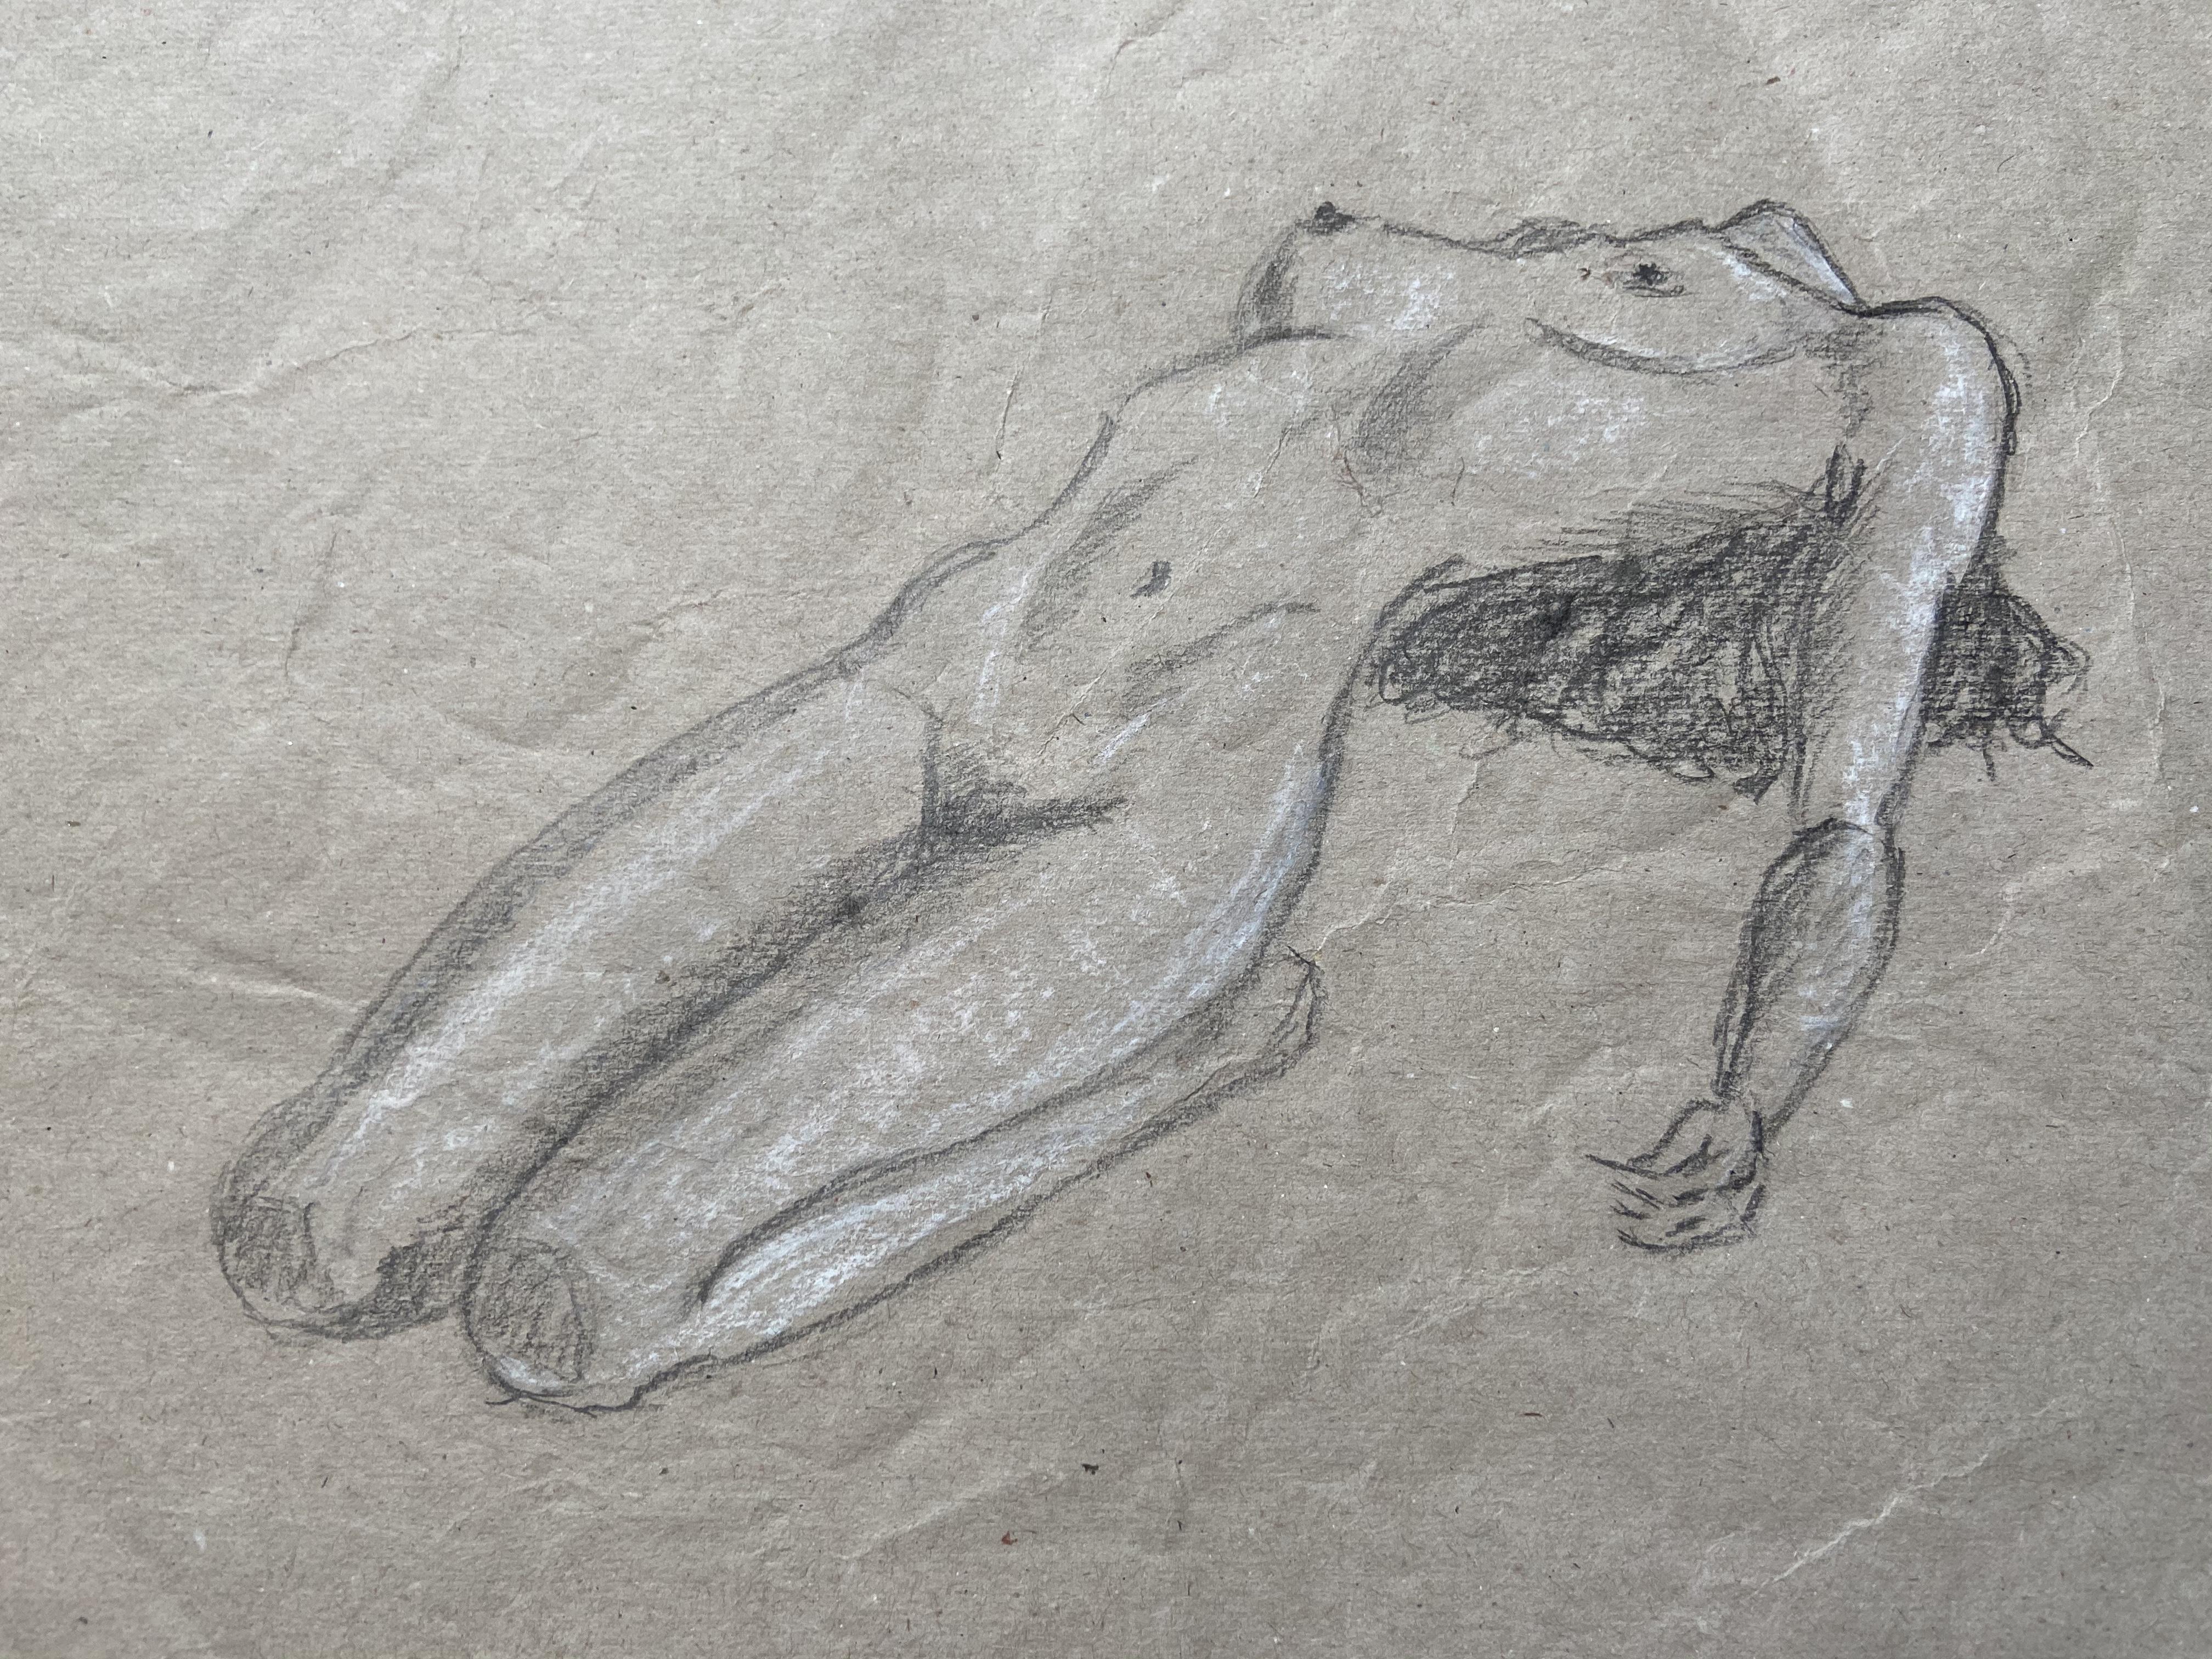 Dessin de nu fusain et crayon blanc sur papier recycl�  cours de dessin